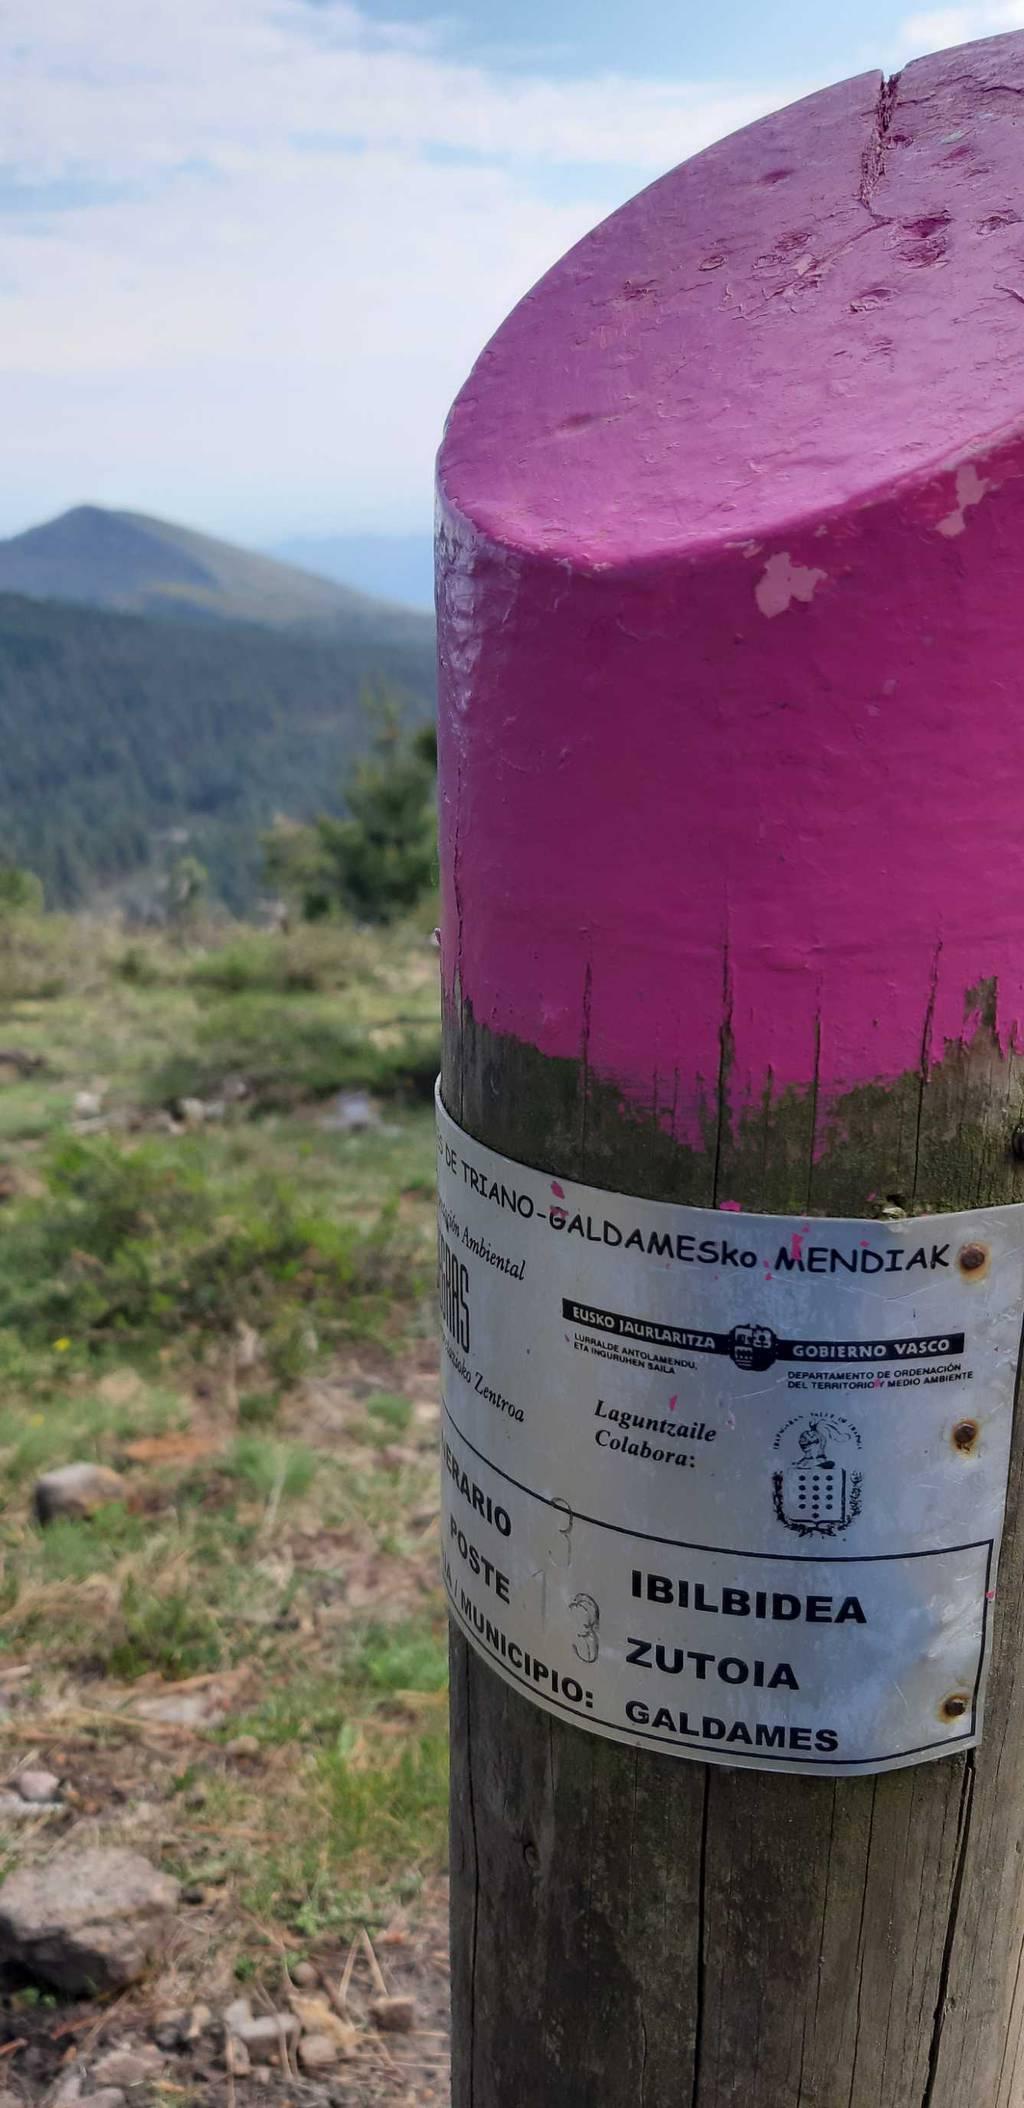 Irrintzi L erabiltzailea Picomayor puntan, 2021-04-20 17:40